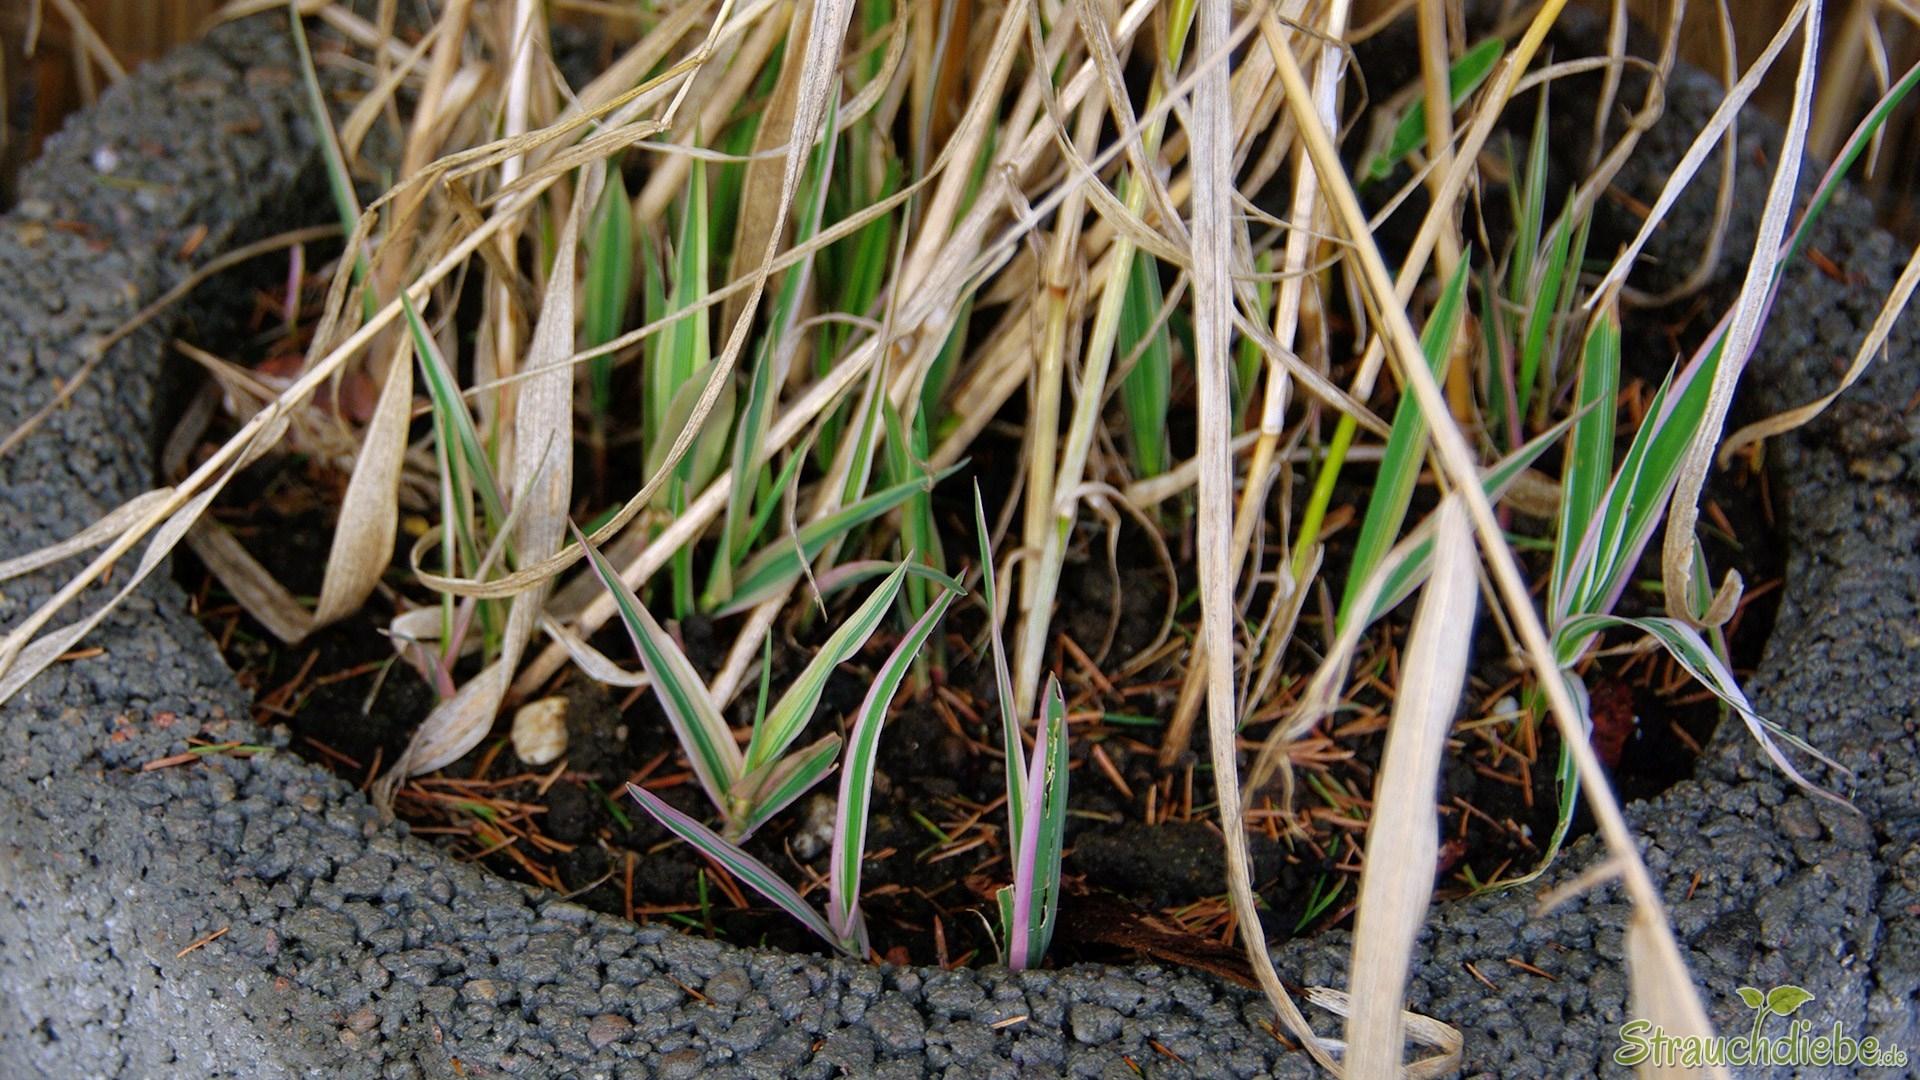 Buntblättriges Rohrglanzgras (Phalaris arundinacea 'Picta')